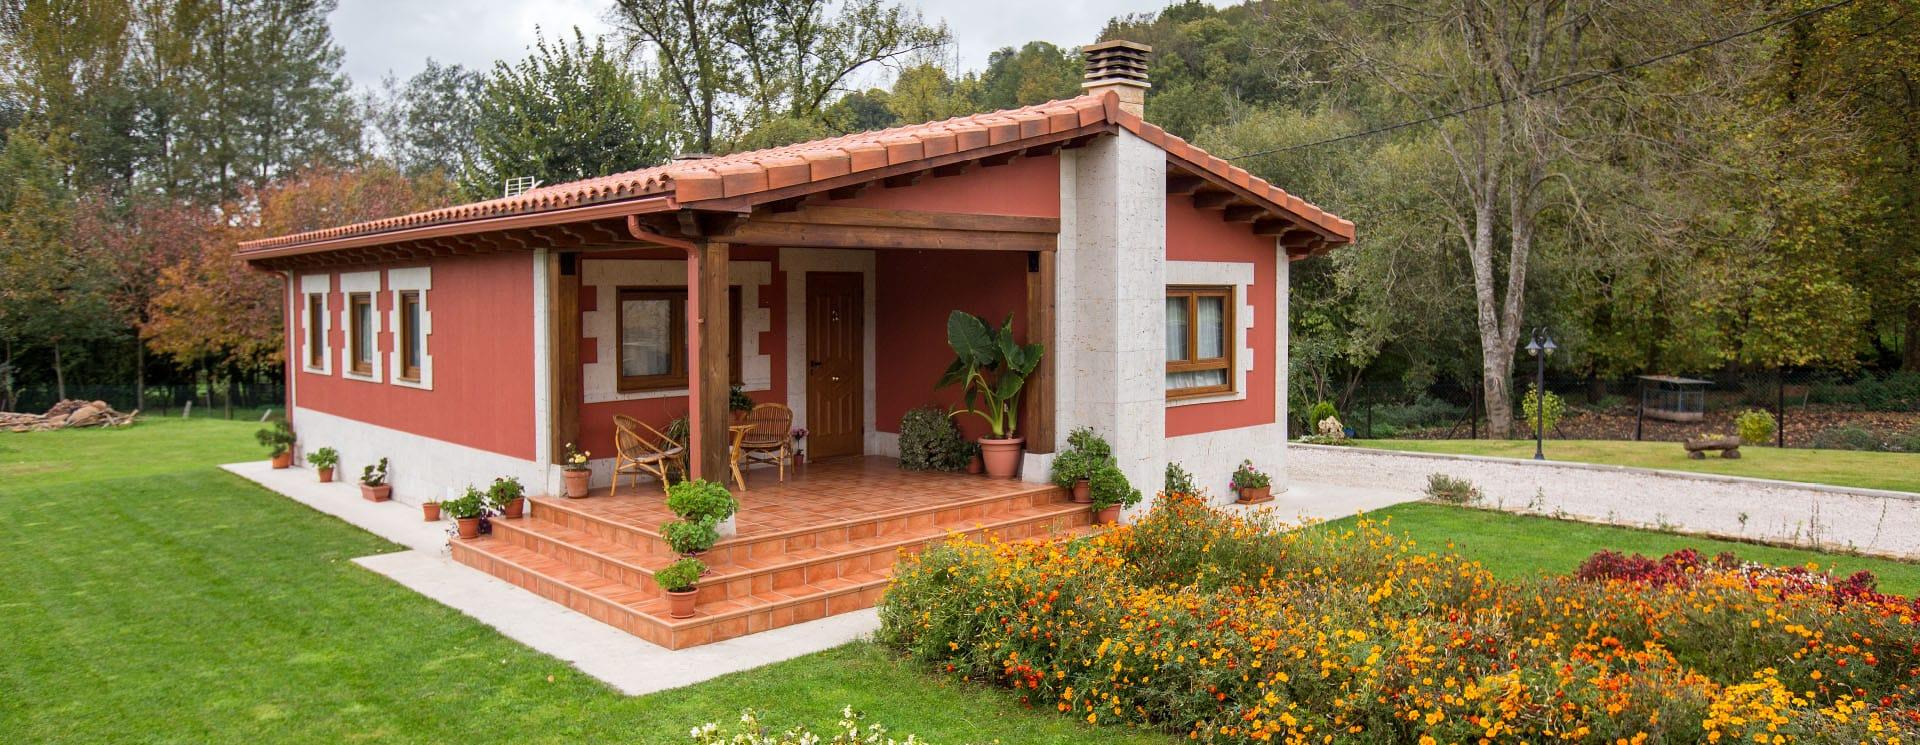 Cu nto cuesta una casa prefabricada precios y modelos for Casas industrializadas precios y modelos